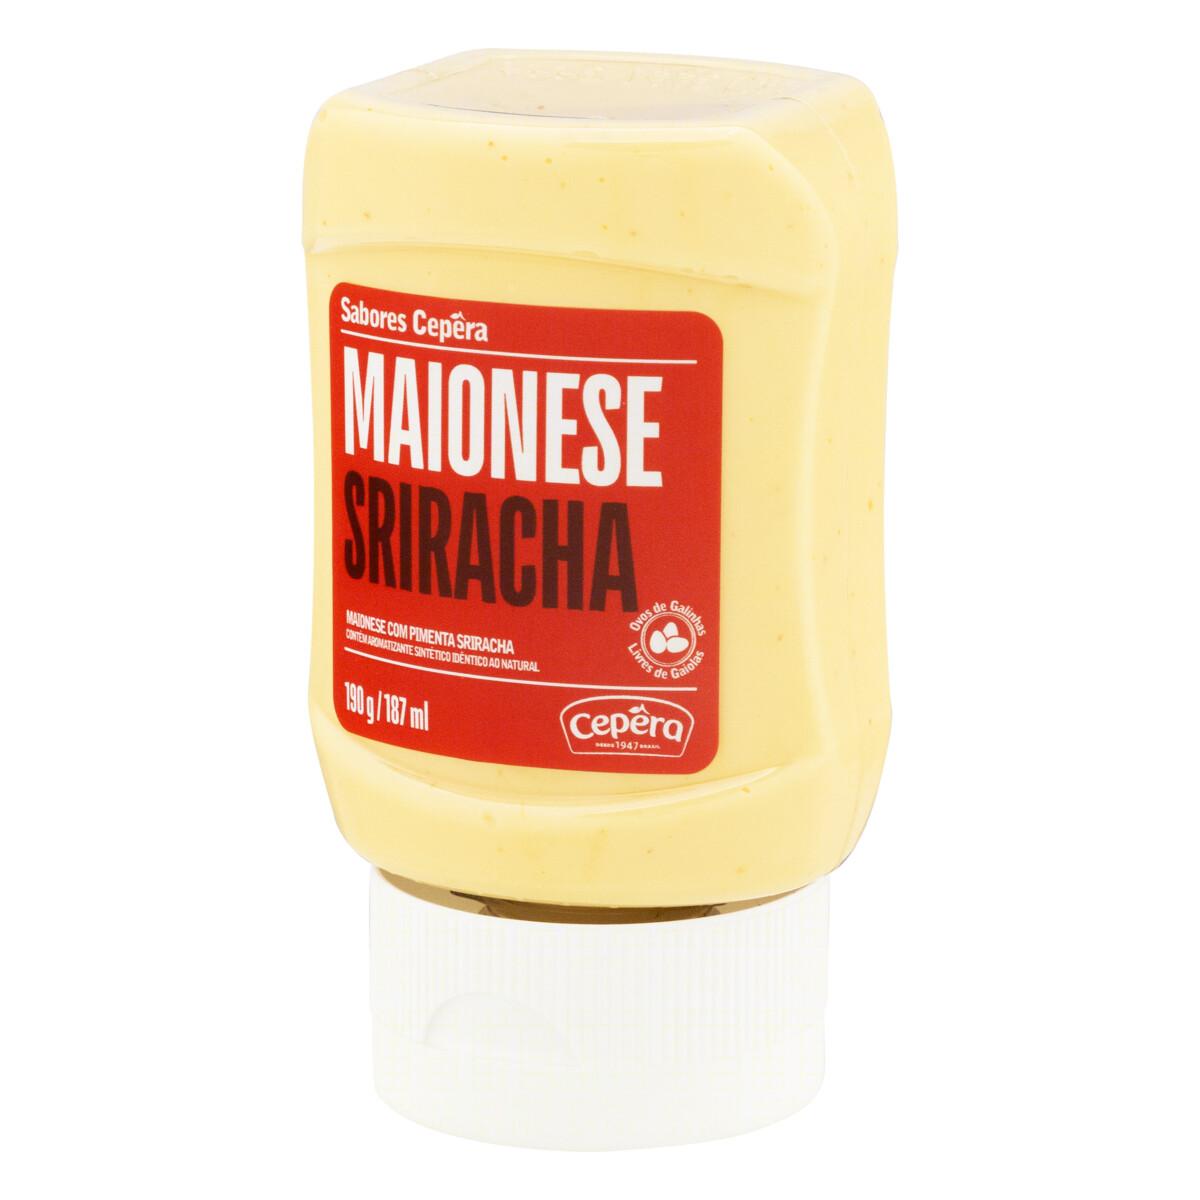 Maionese Sriracha 190g